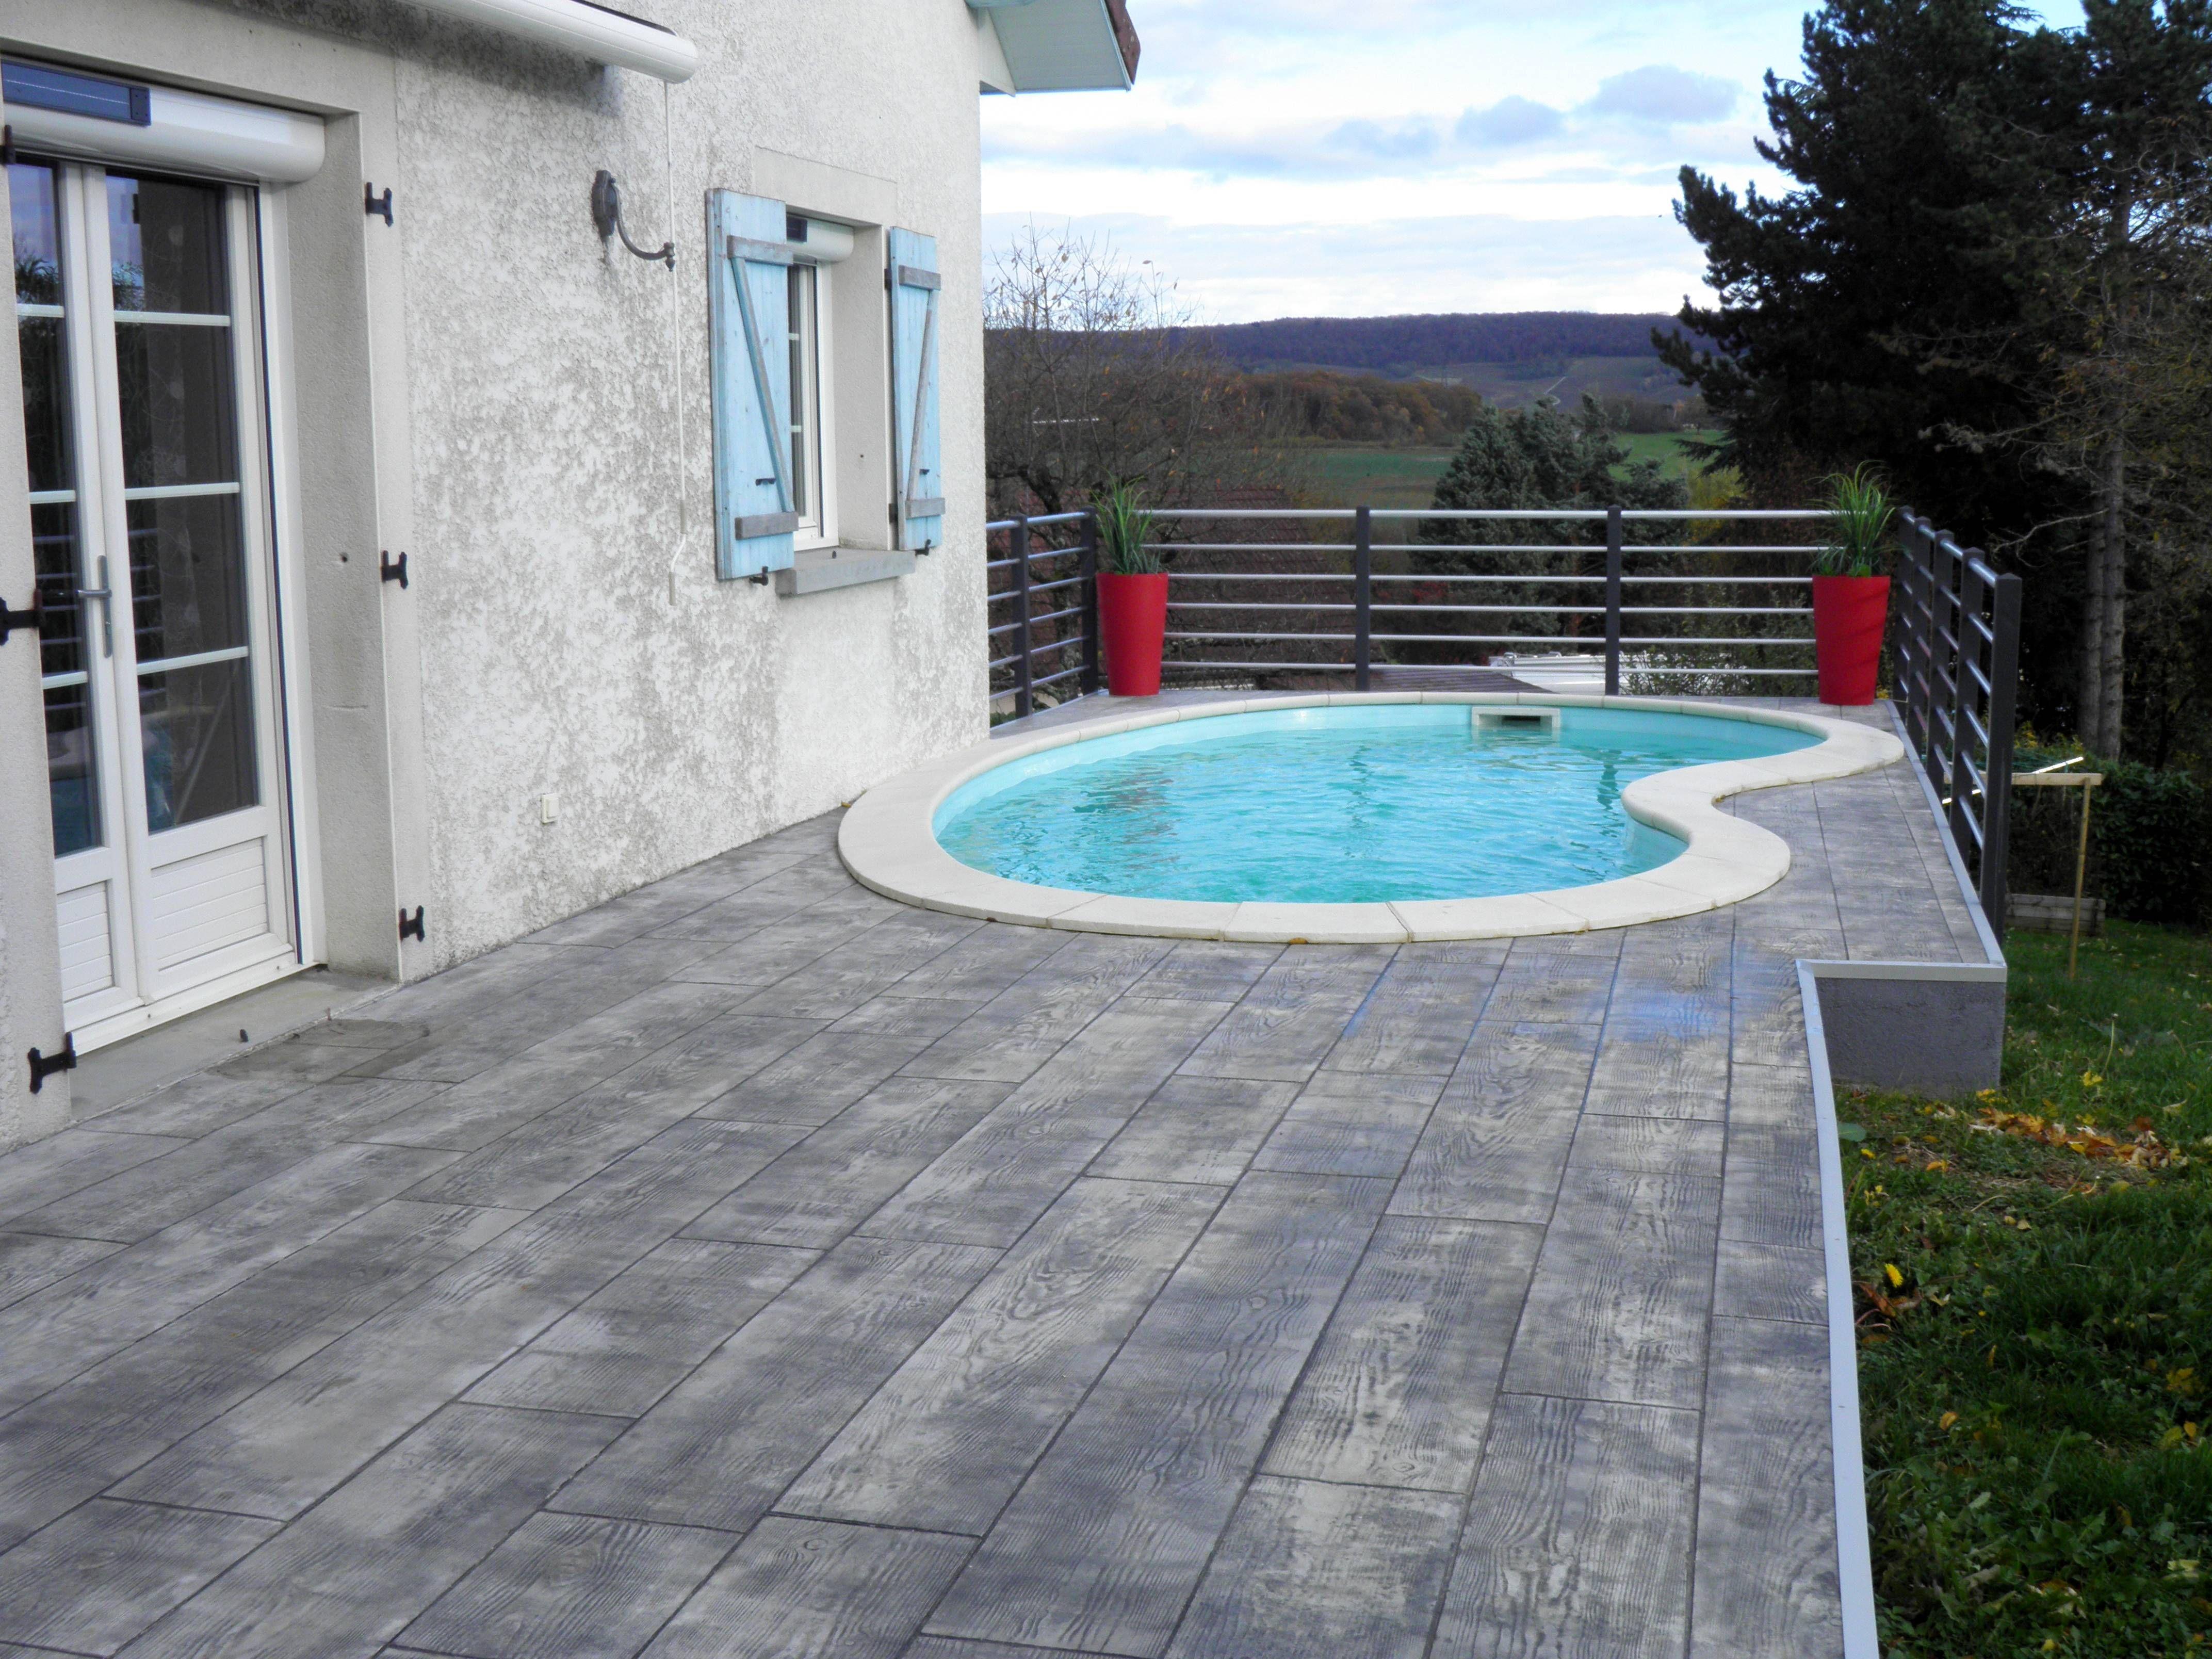 Piscine oxygene rahon fabulous rouverture de la piscine - Piscine oxygene ...